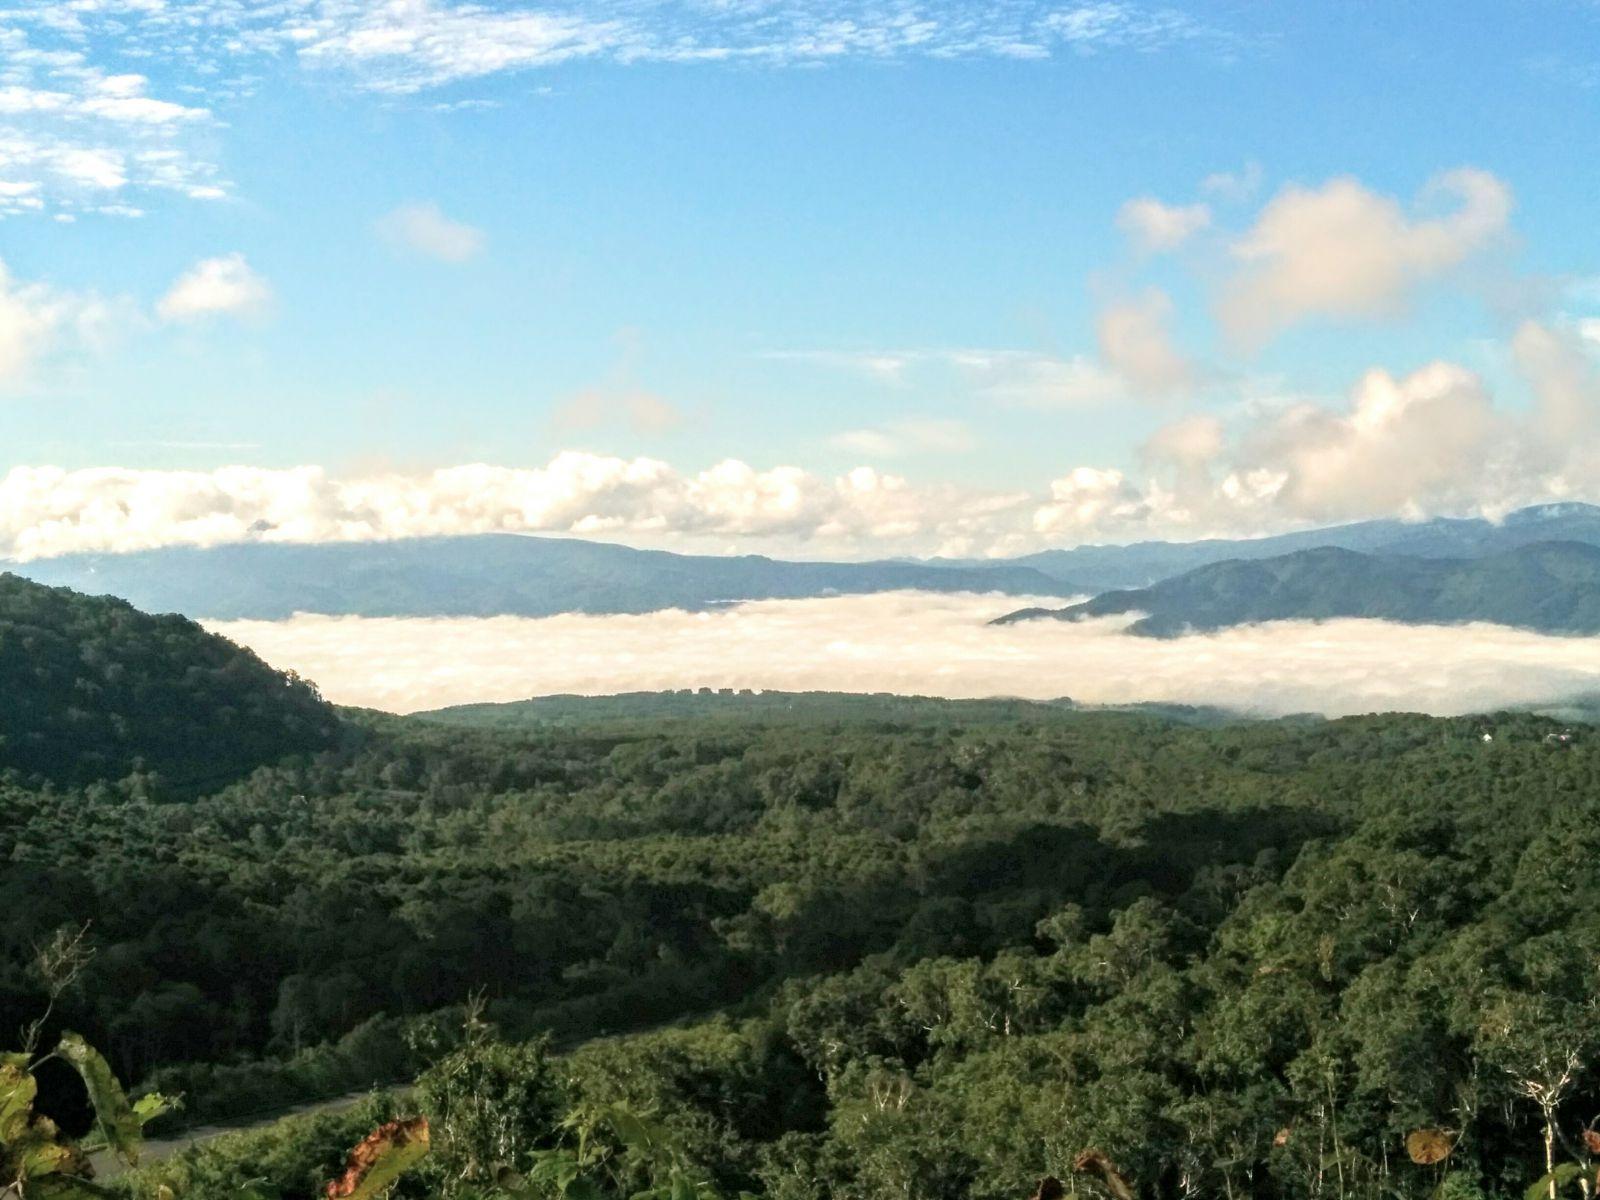 【蘭越町】蘭越「雲海」観光写真です。